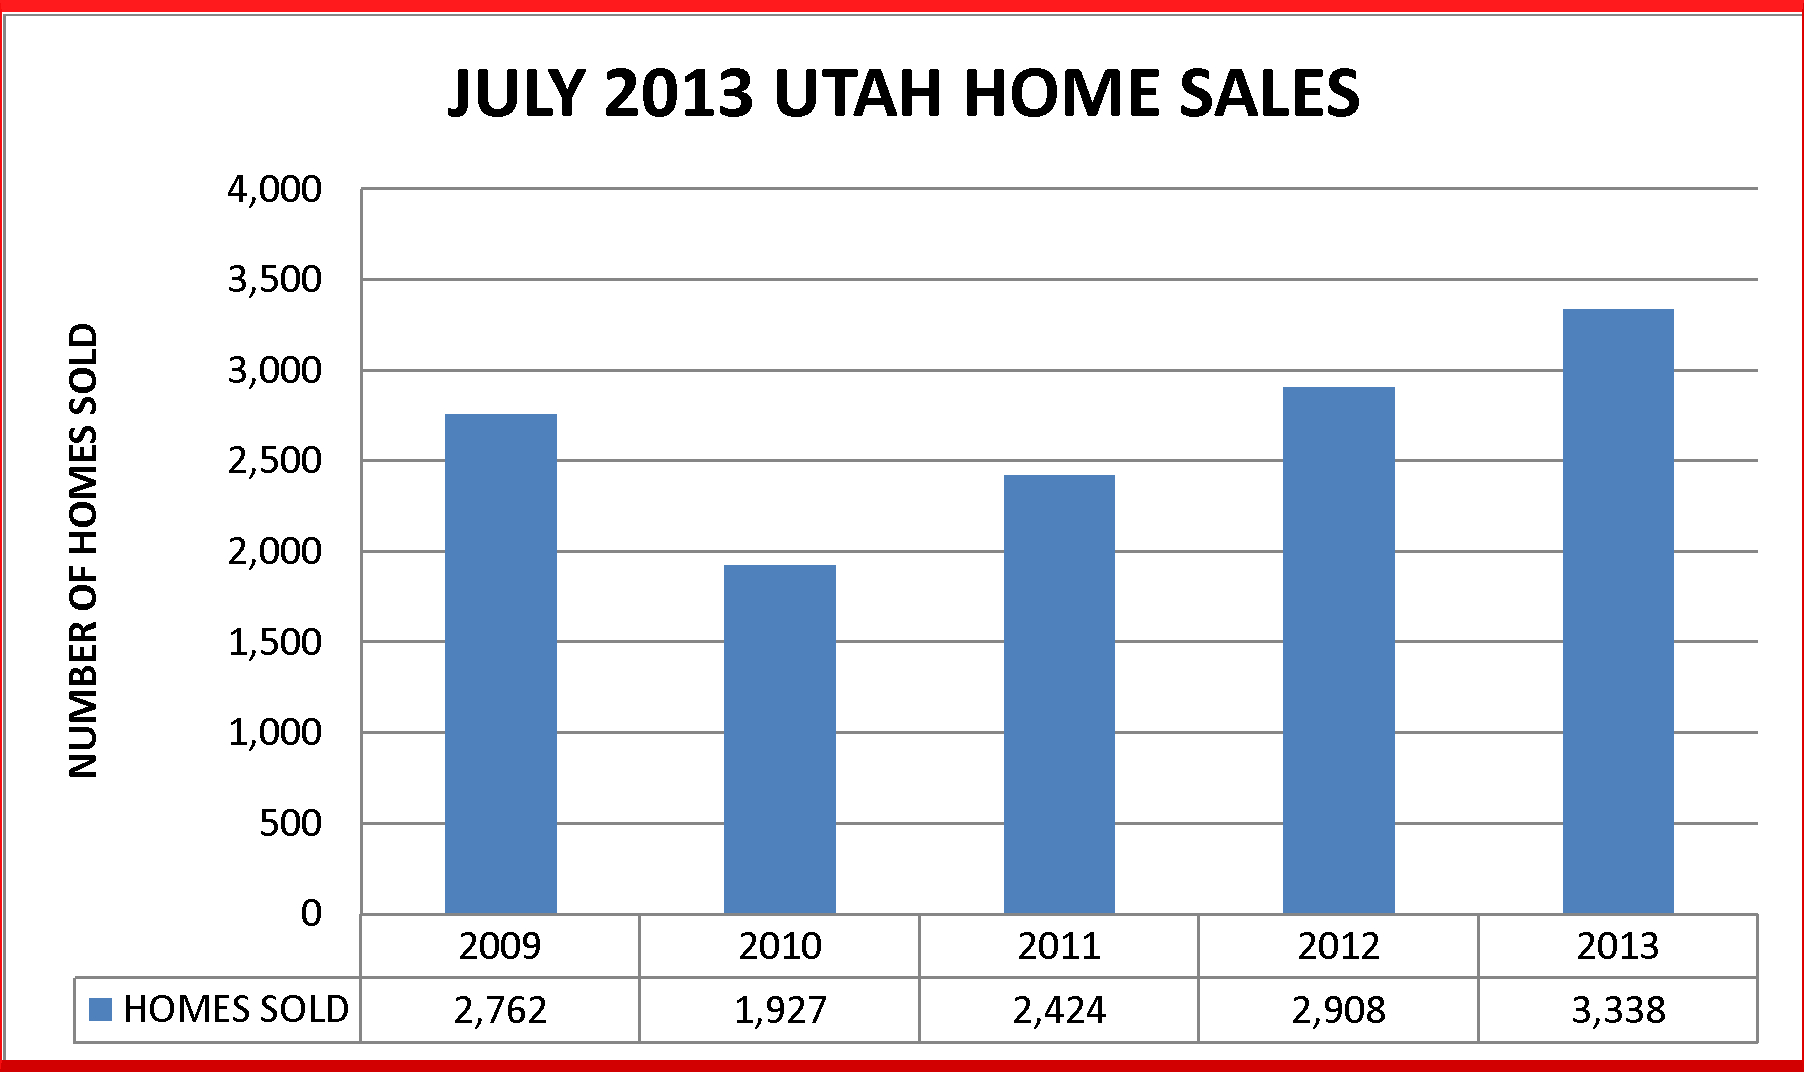 Table depicting July 2013 home sales in Utah